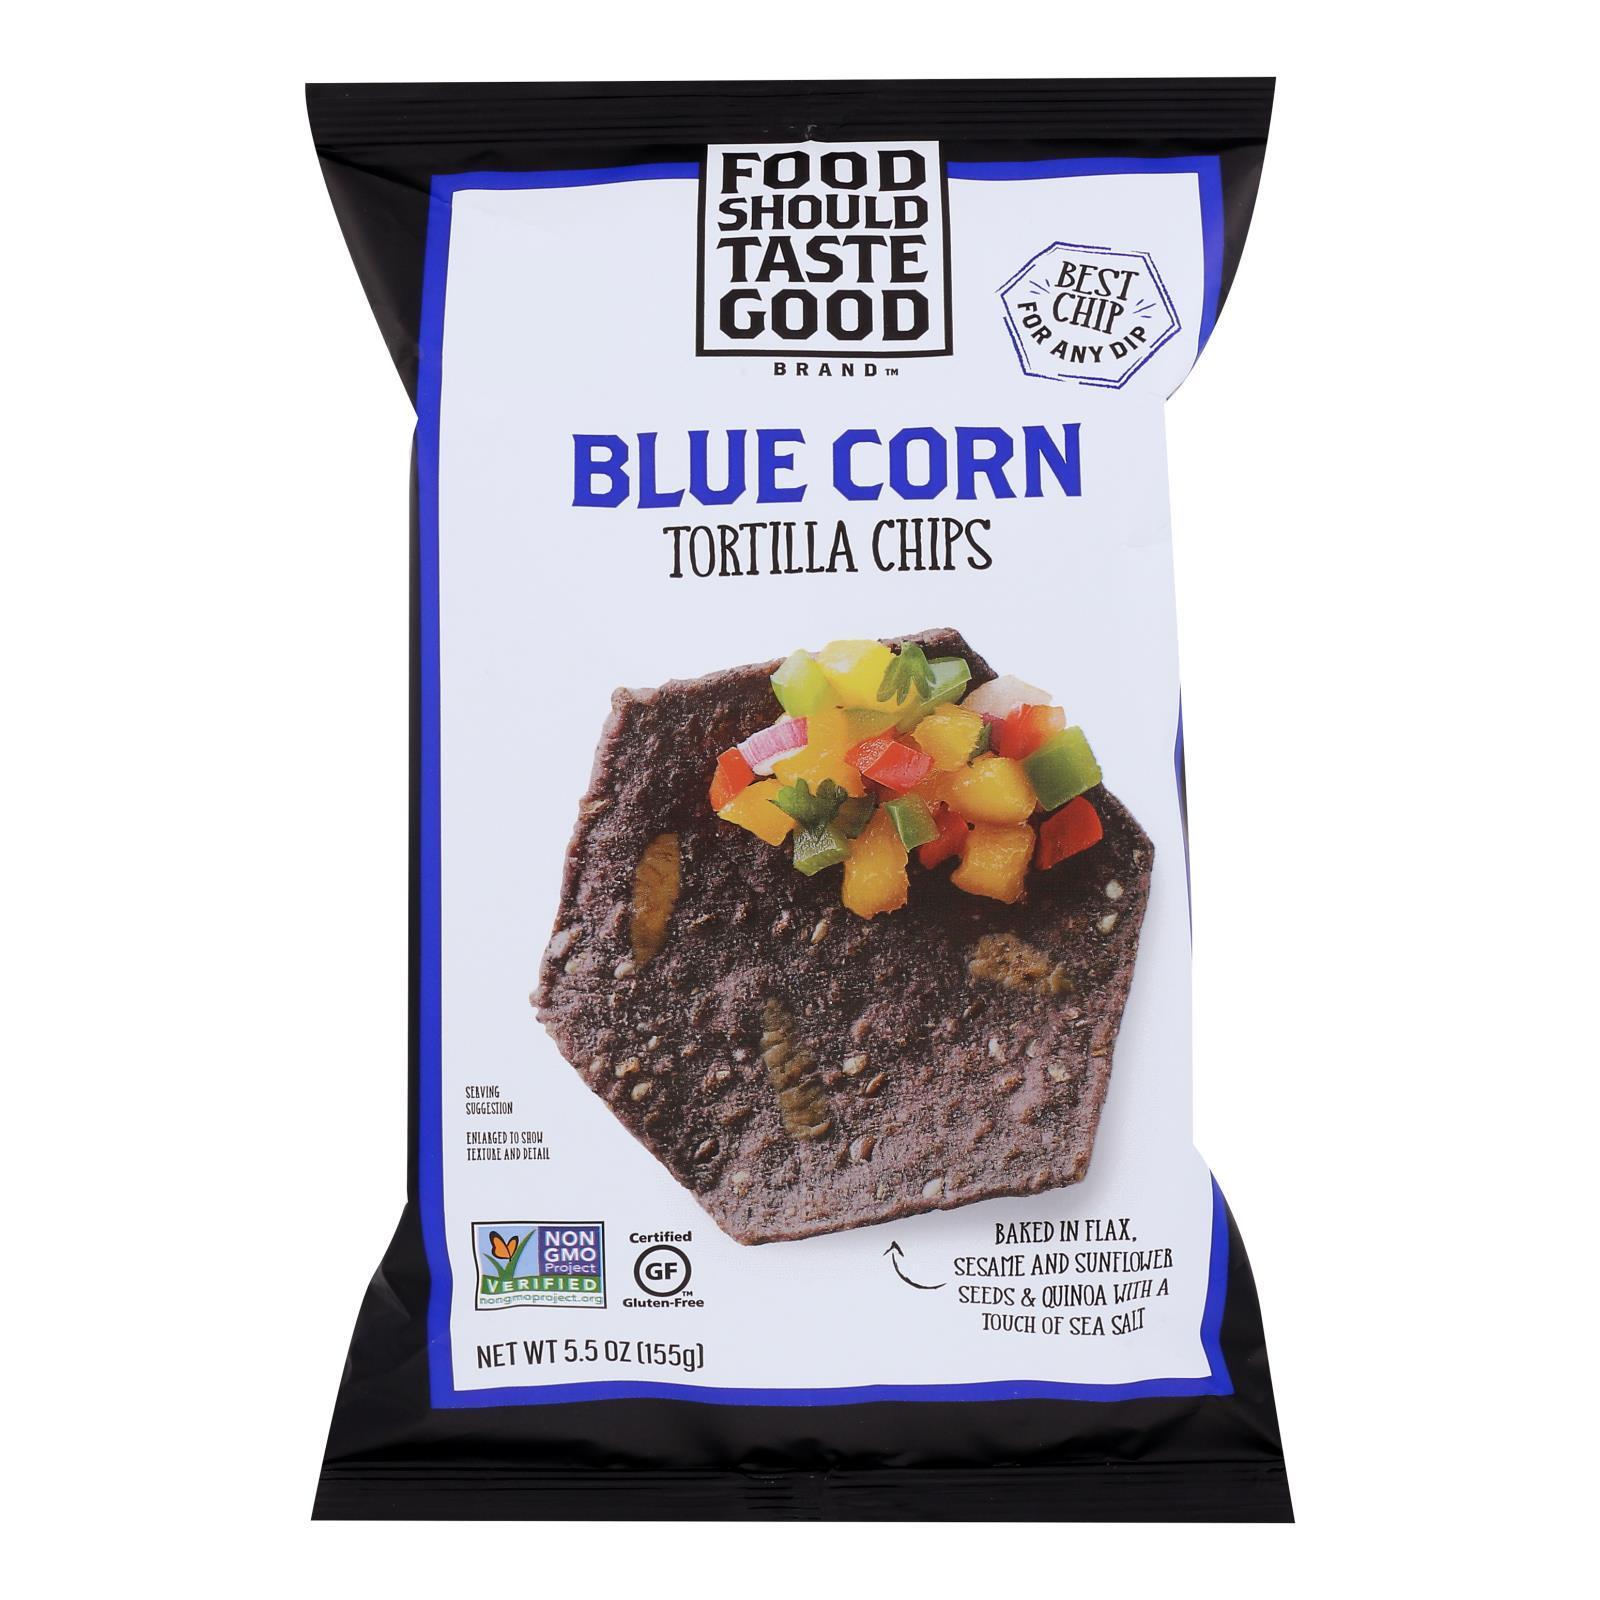 Food Should Taste Good Blue Corn Tortilla Chips - Blue Corn - Case of 12 - 5.5 oz.